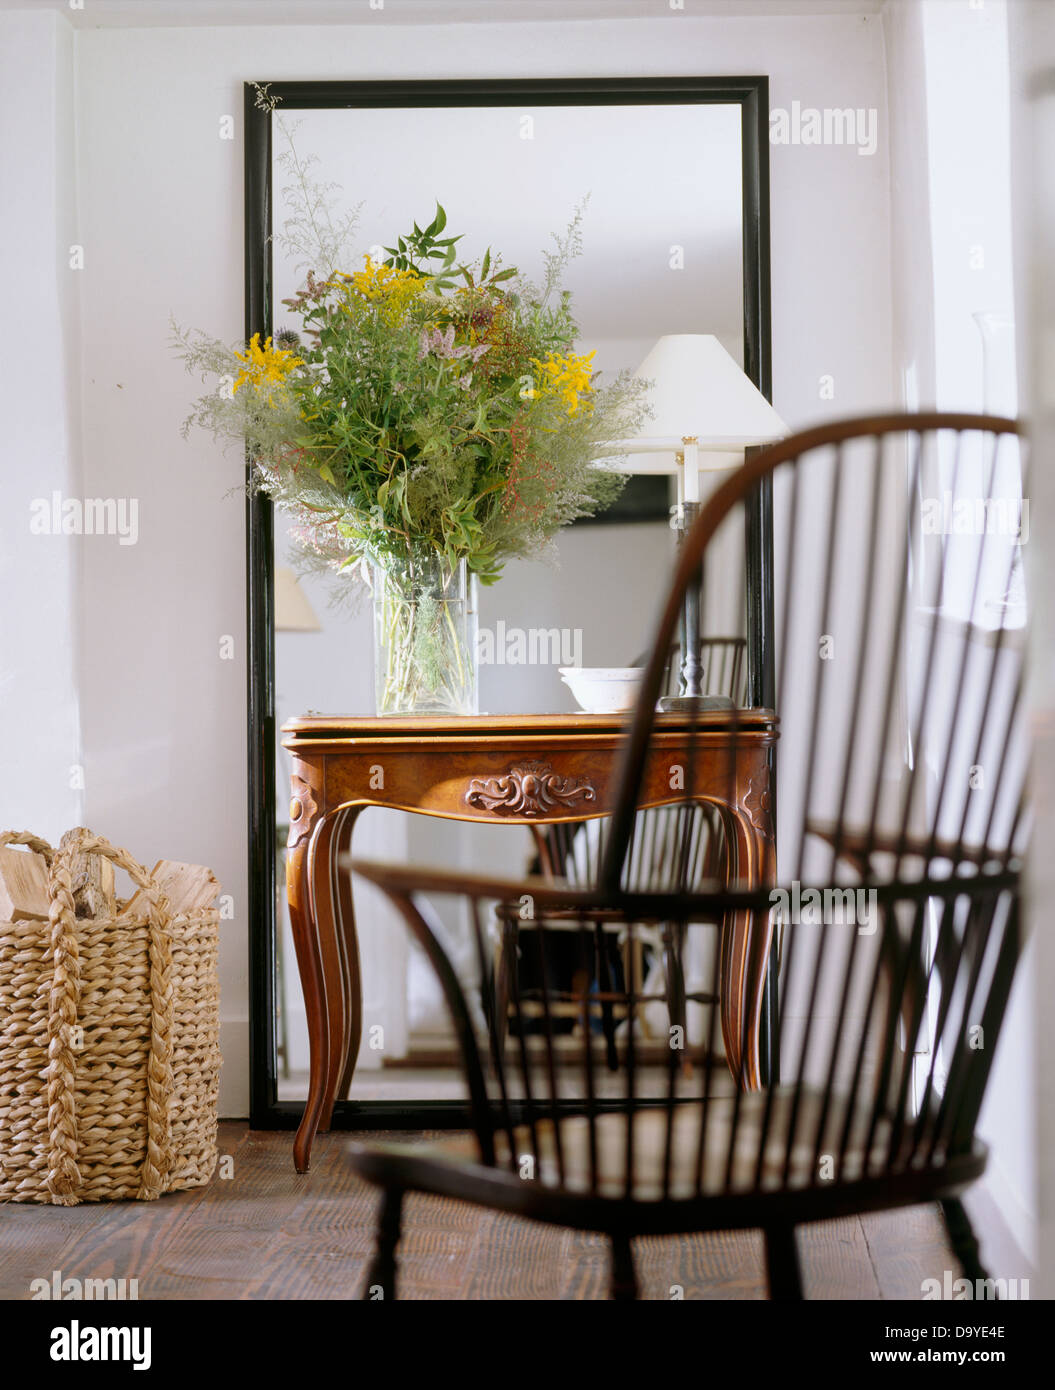 Stuhl Mit Und Im Wohnzimmer Windsor Haus Blume Anordnung Weißen QBCeWEdrxo